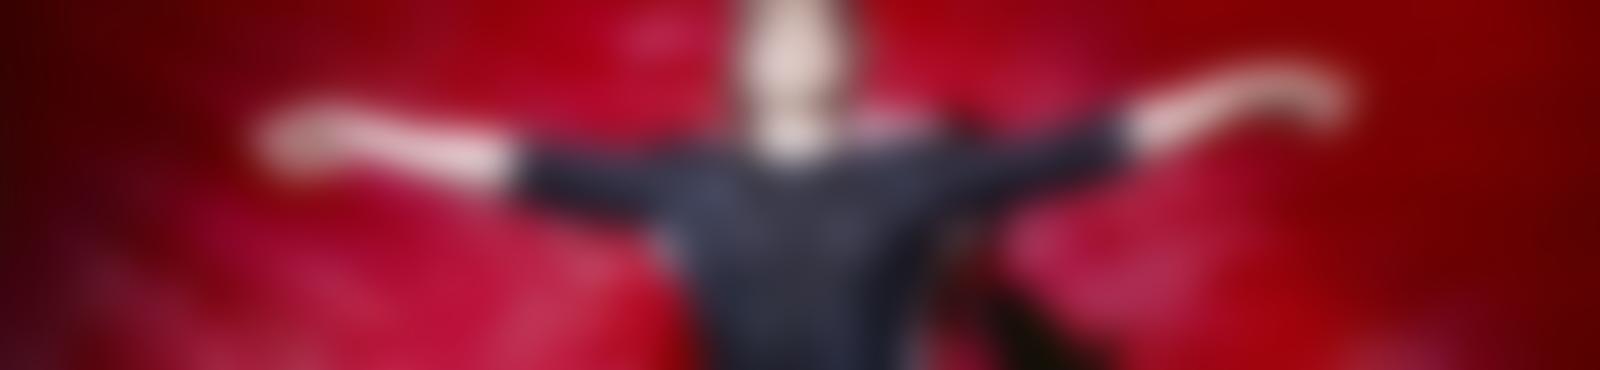 Blurred 3faf2fcd 8a25 4725 a63b 31af8b62a954